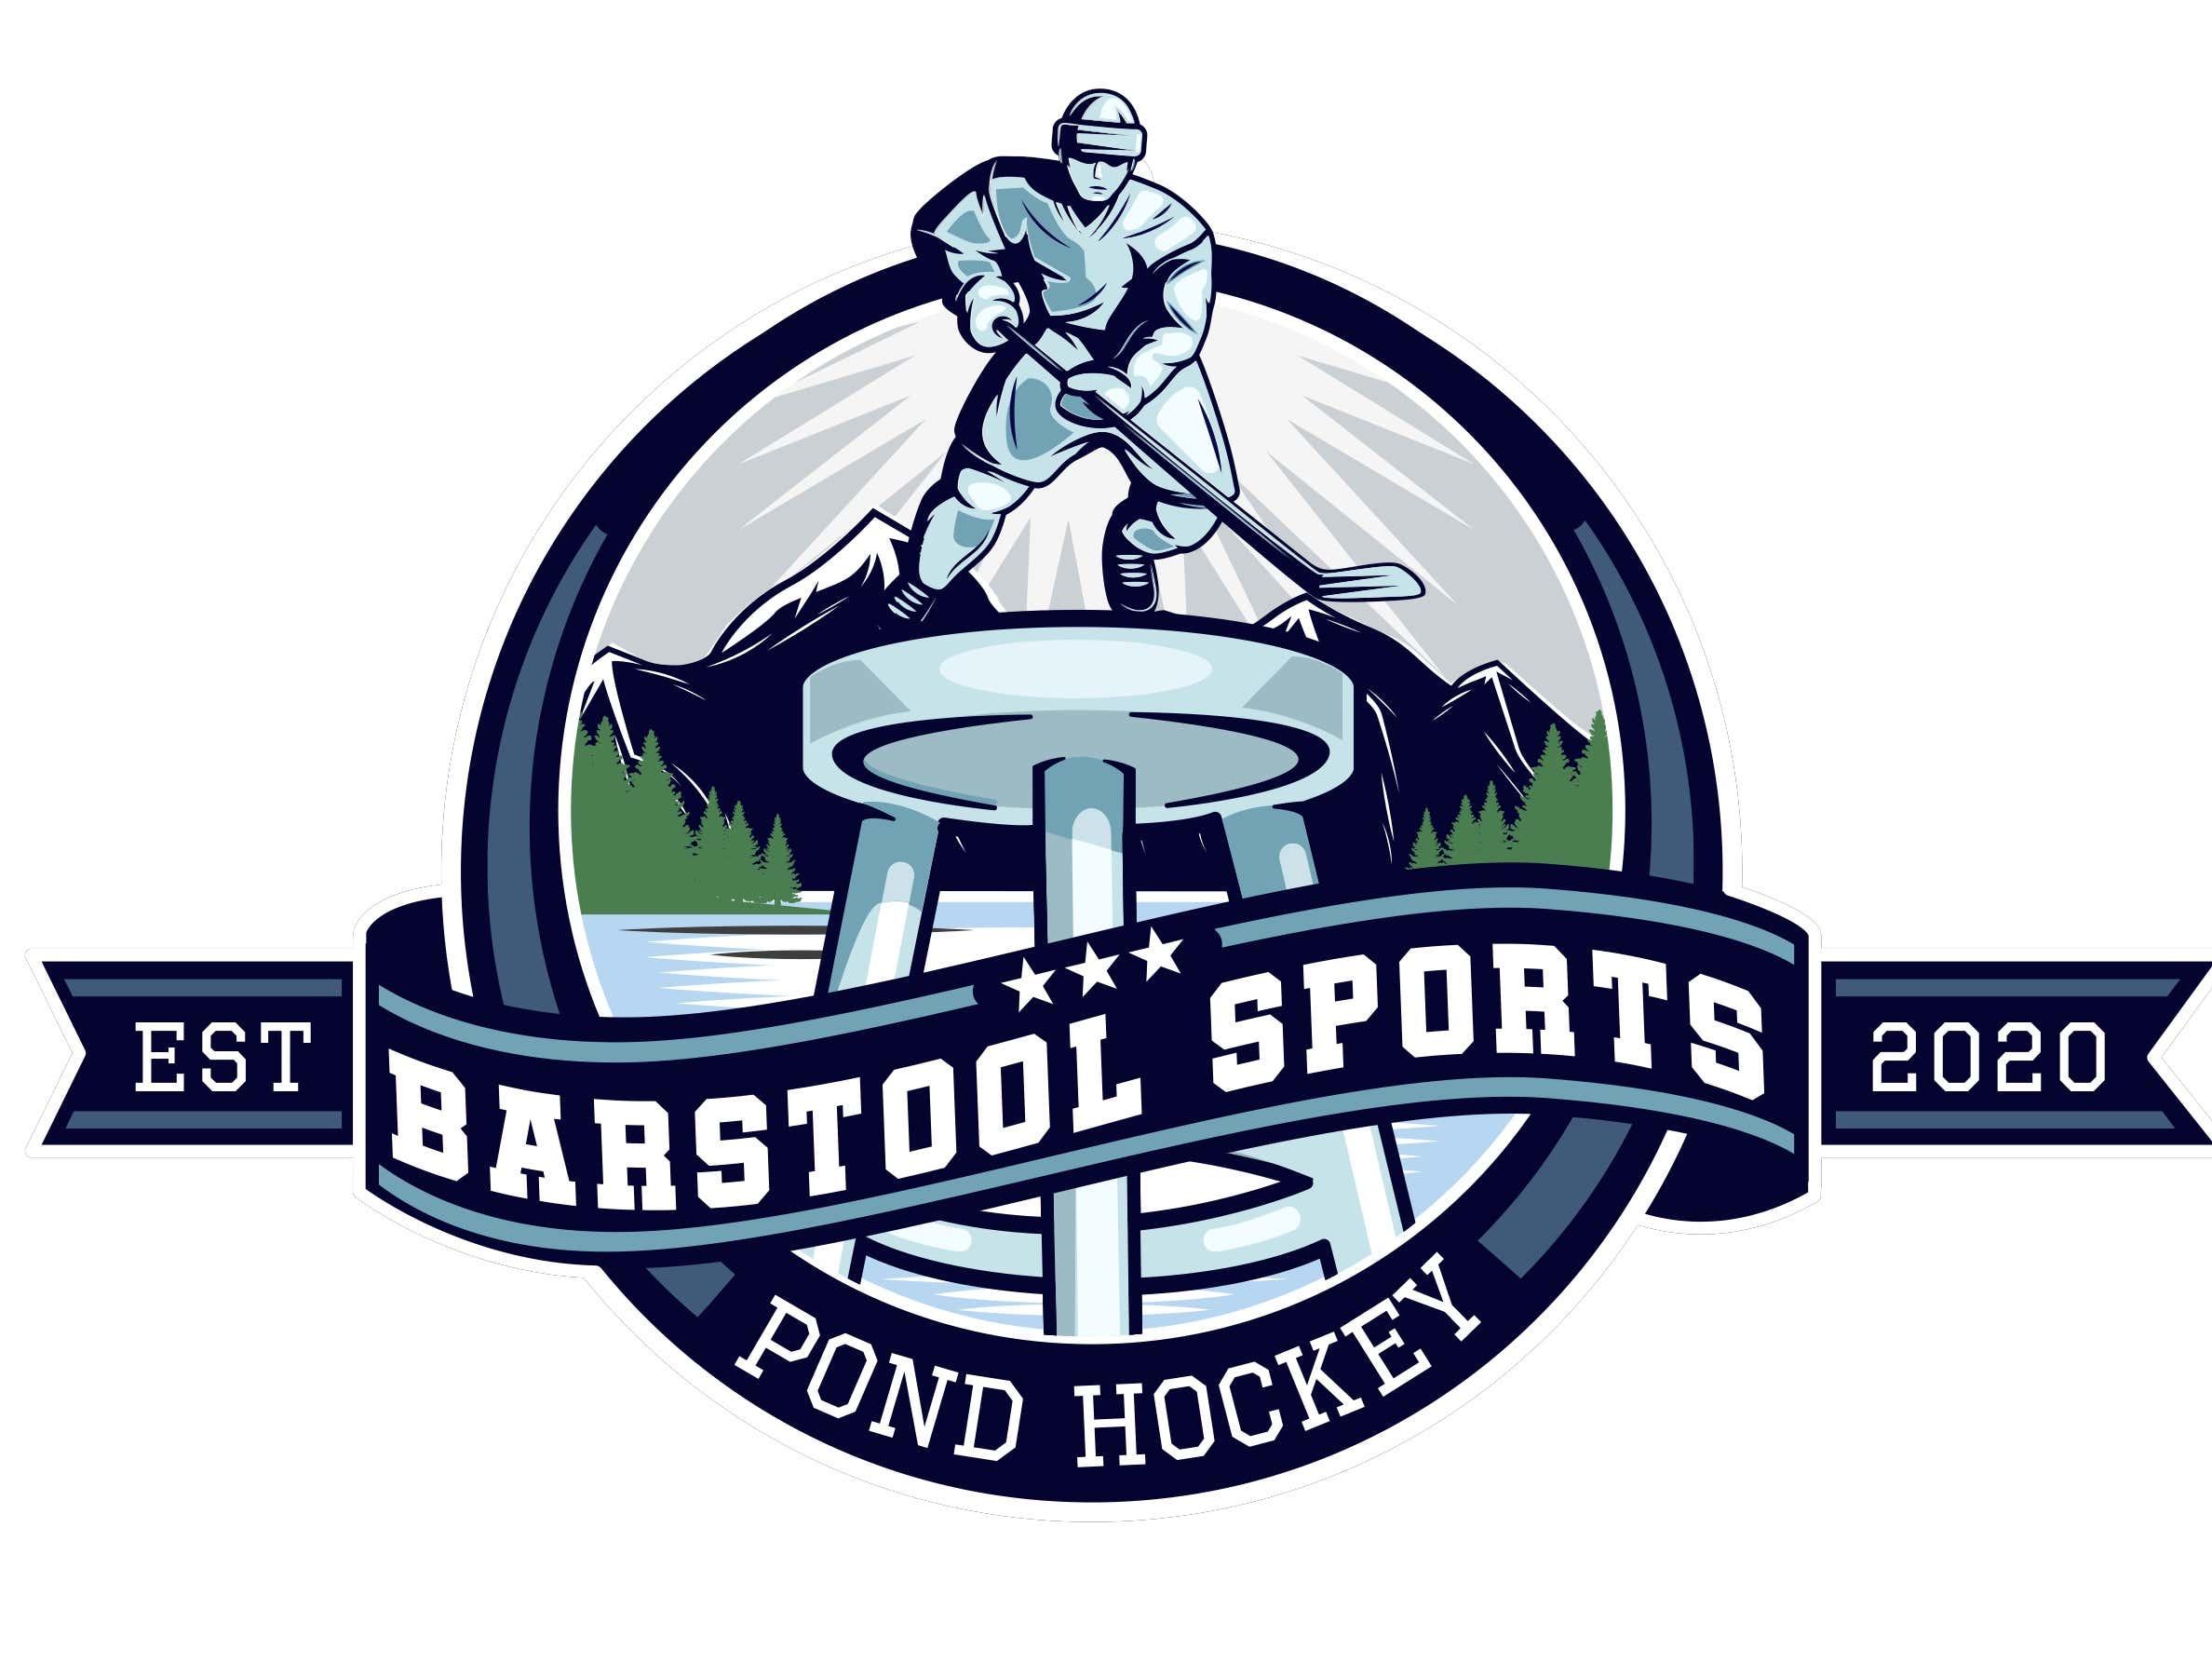 Barstool Pond Hockey